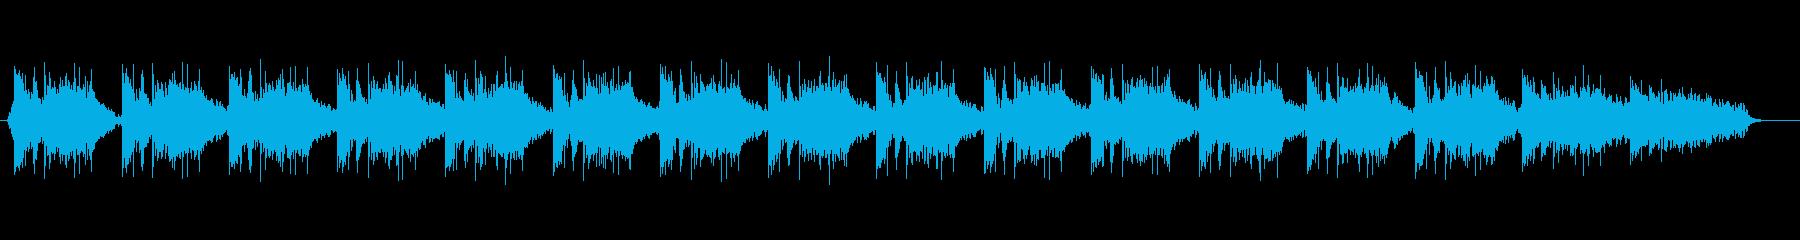 テンポの良い曲です。の再生済みの波形